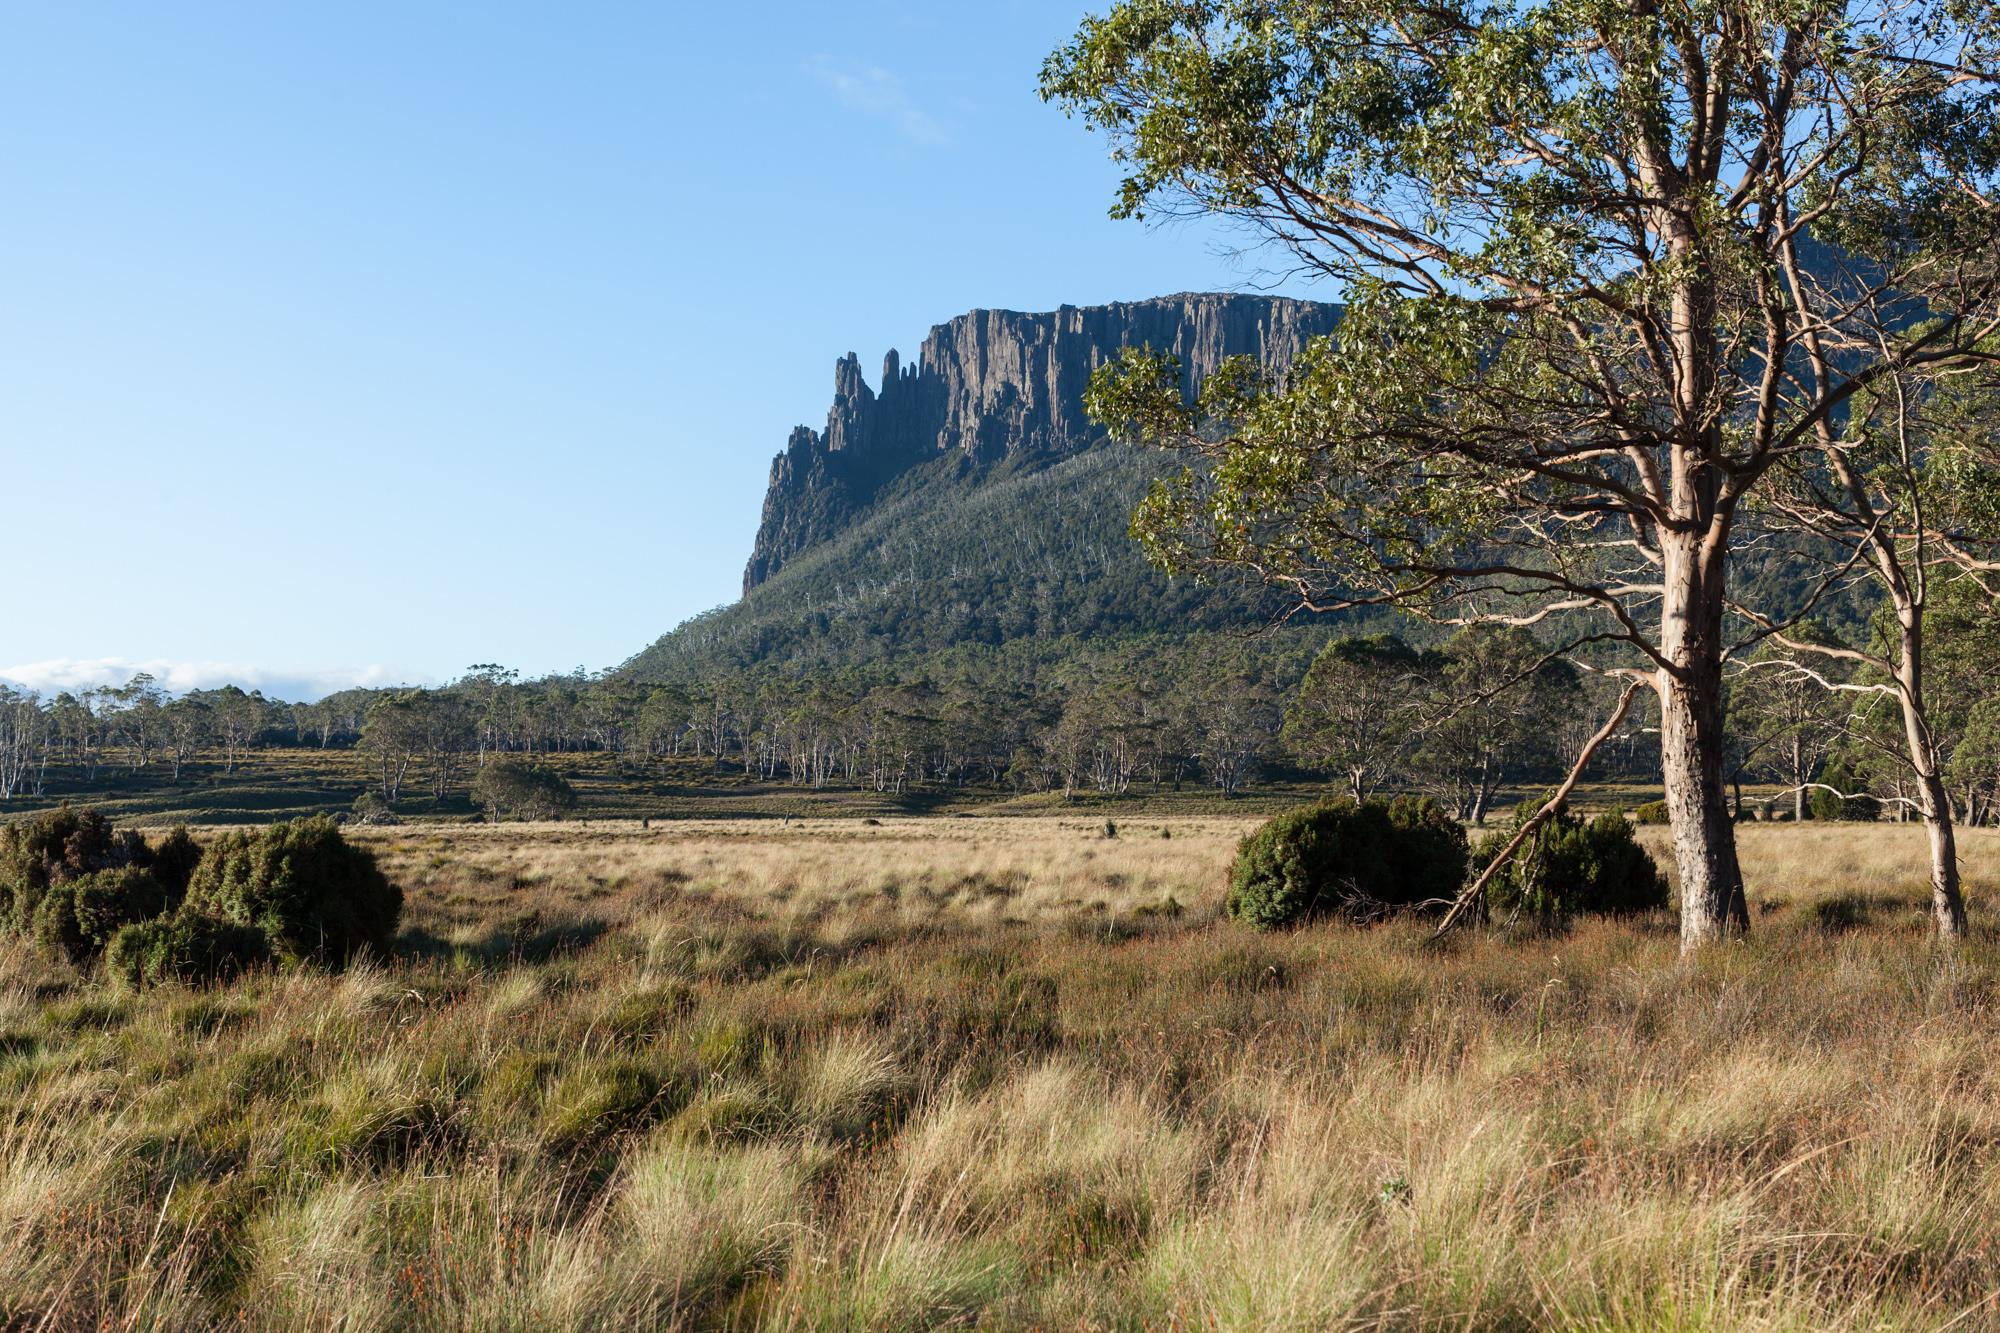 Tasmania_2015_160_2000PX.jpg